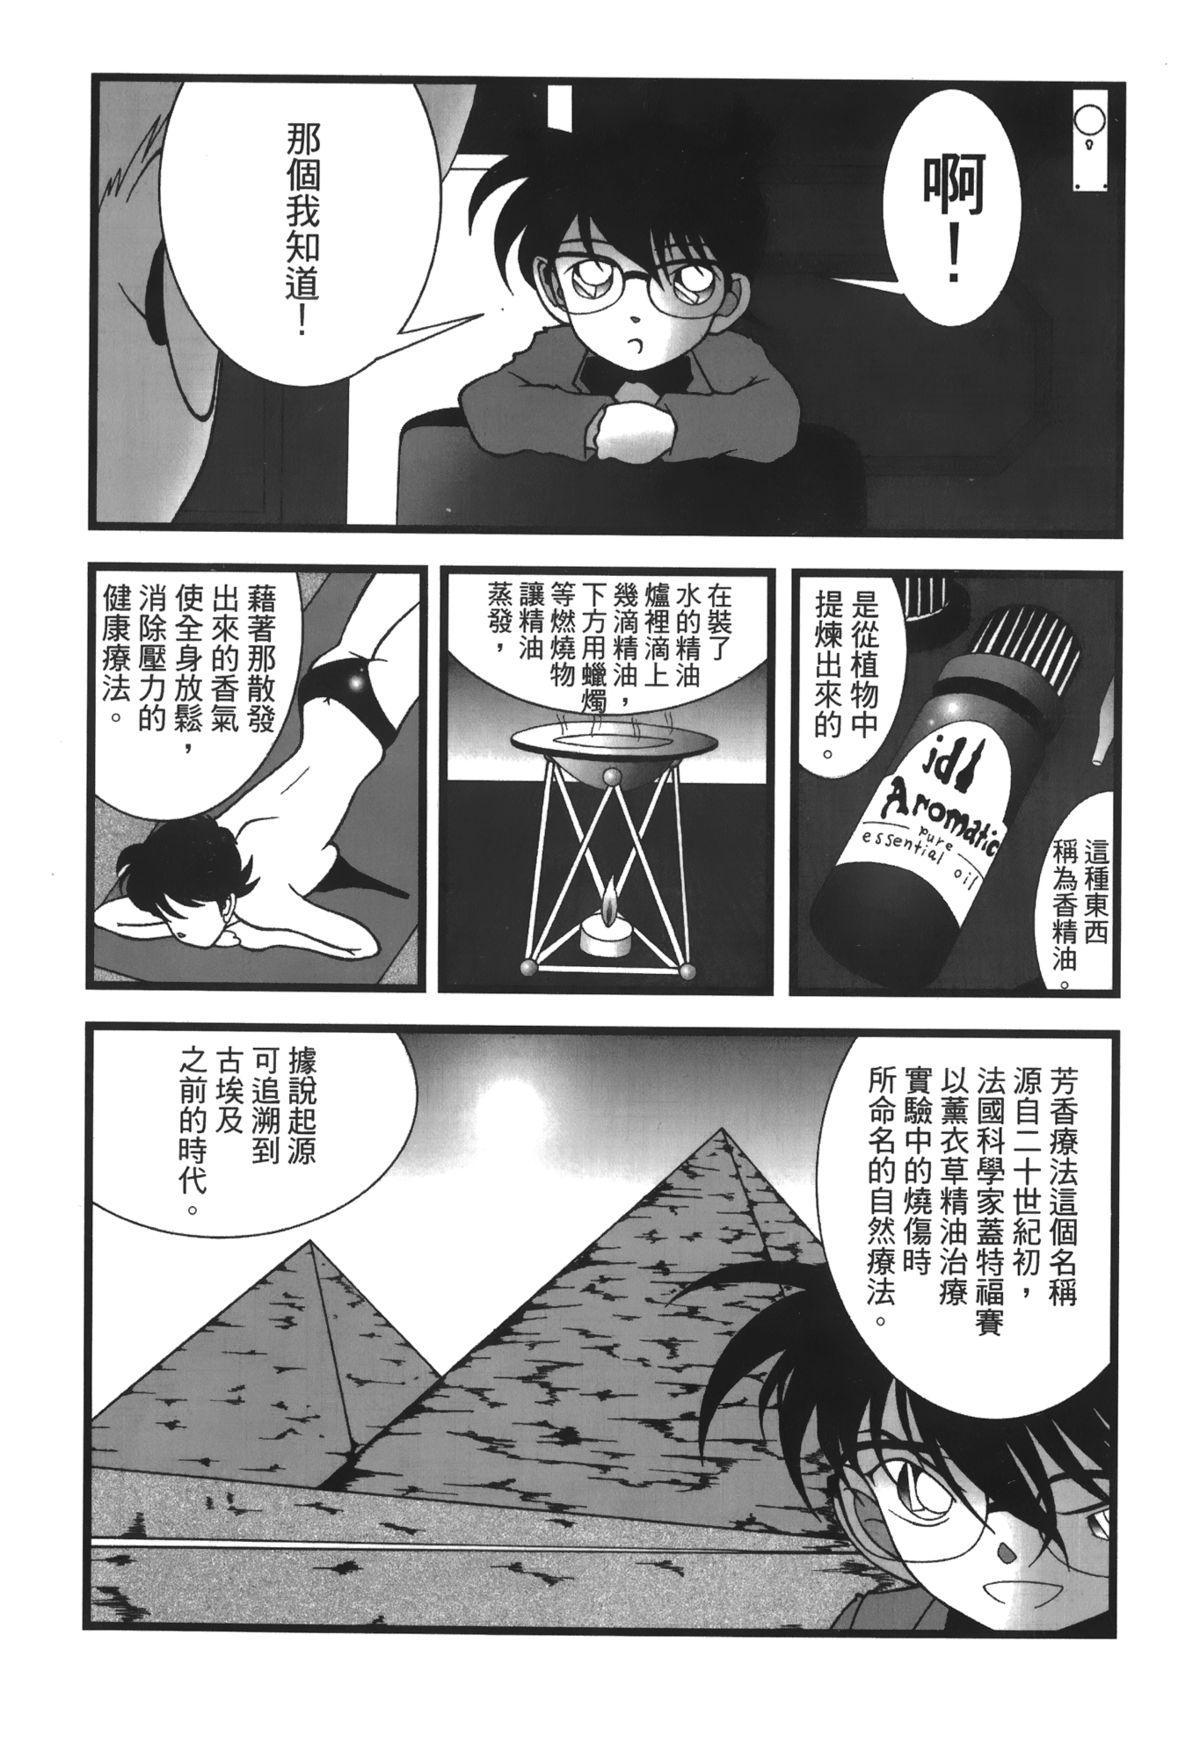 Detective Assistant Vol. 13 28